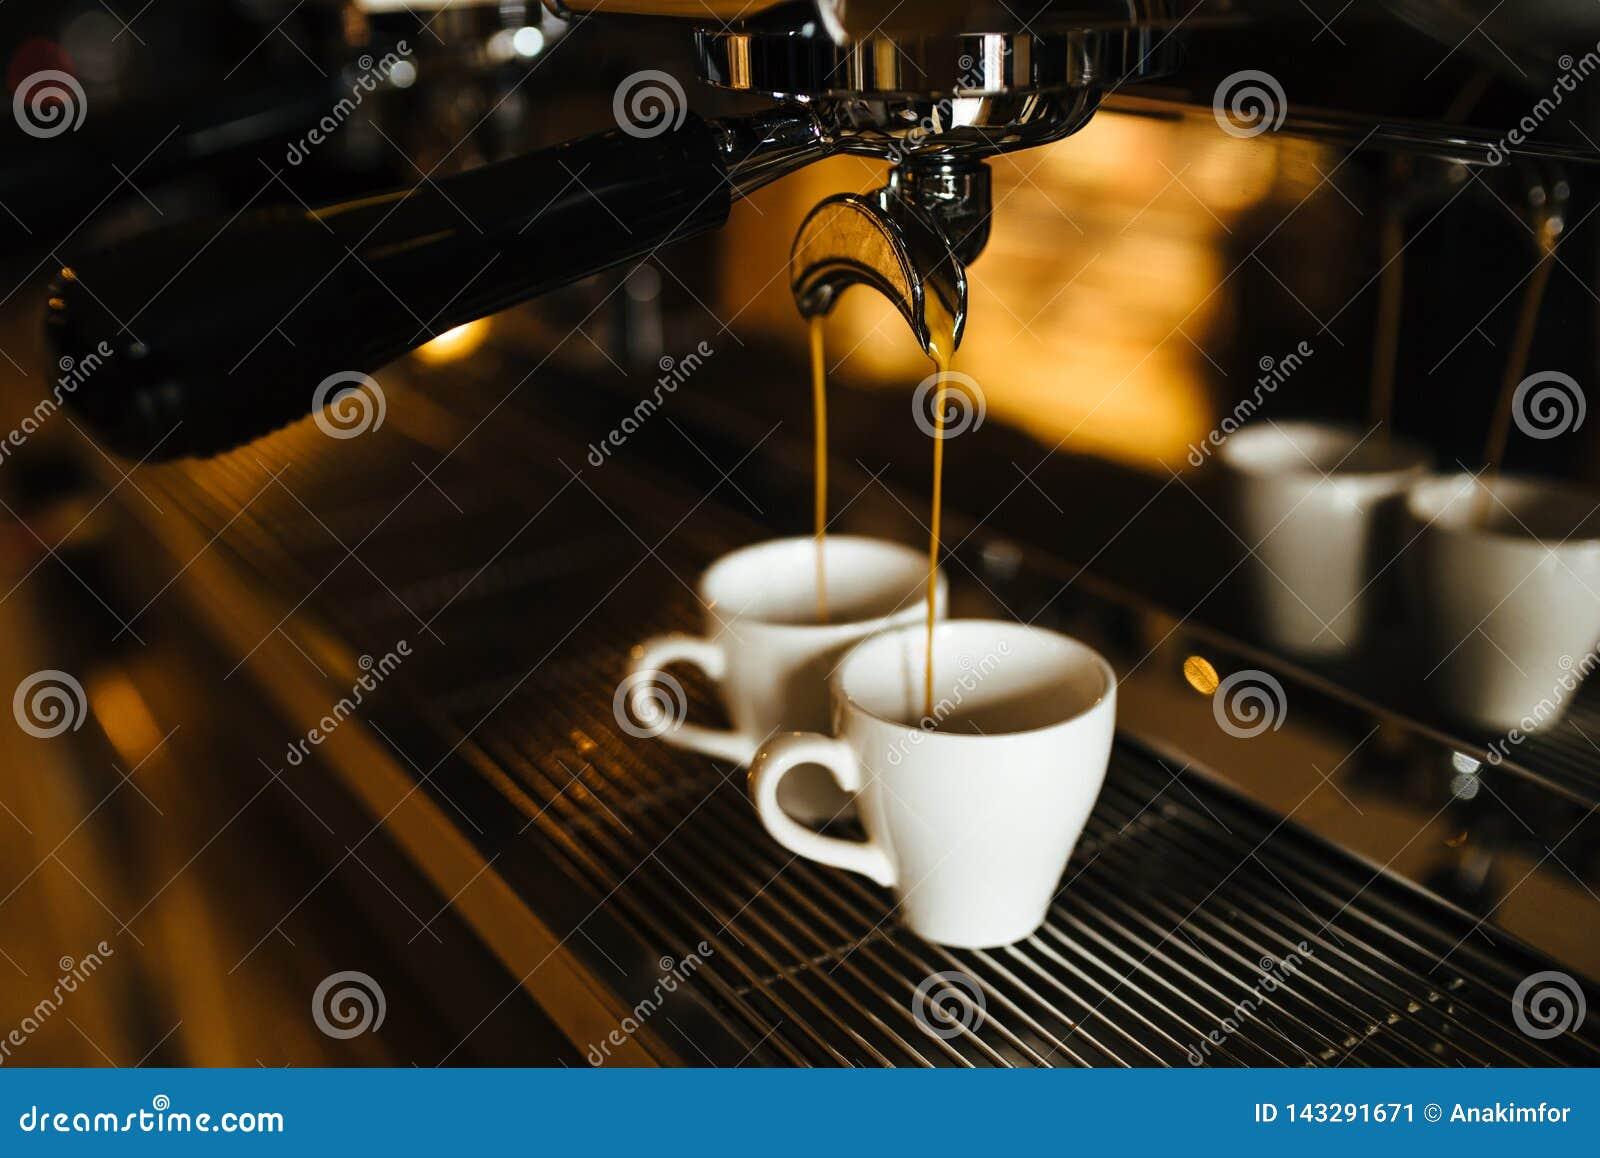 Δύο φλυτζάνια espresso στη μηχανή καφέ